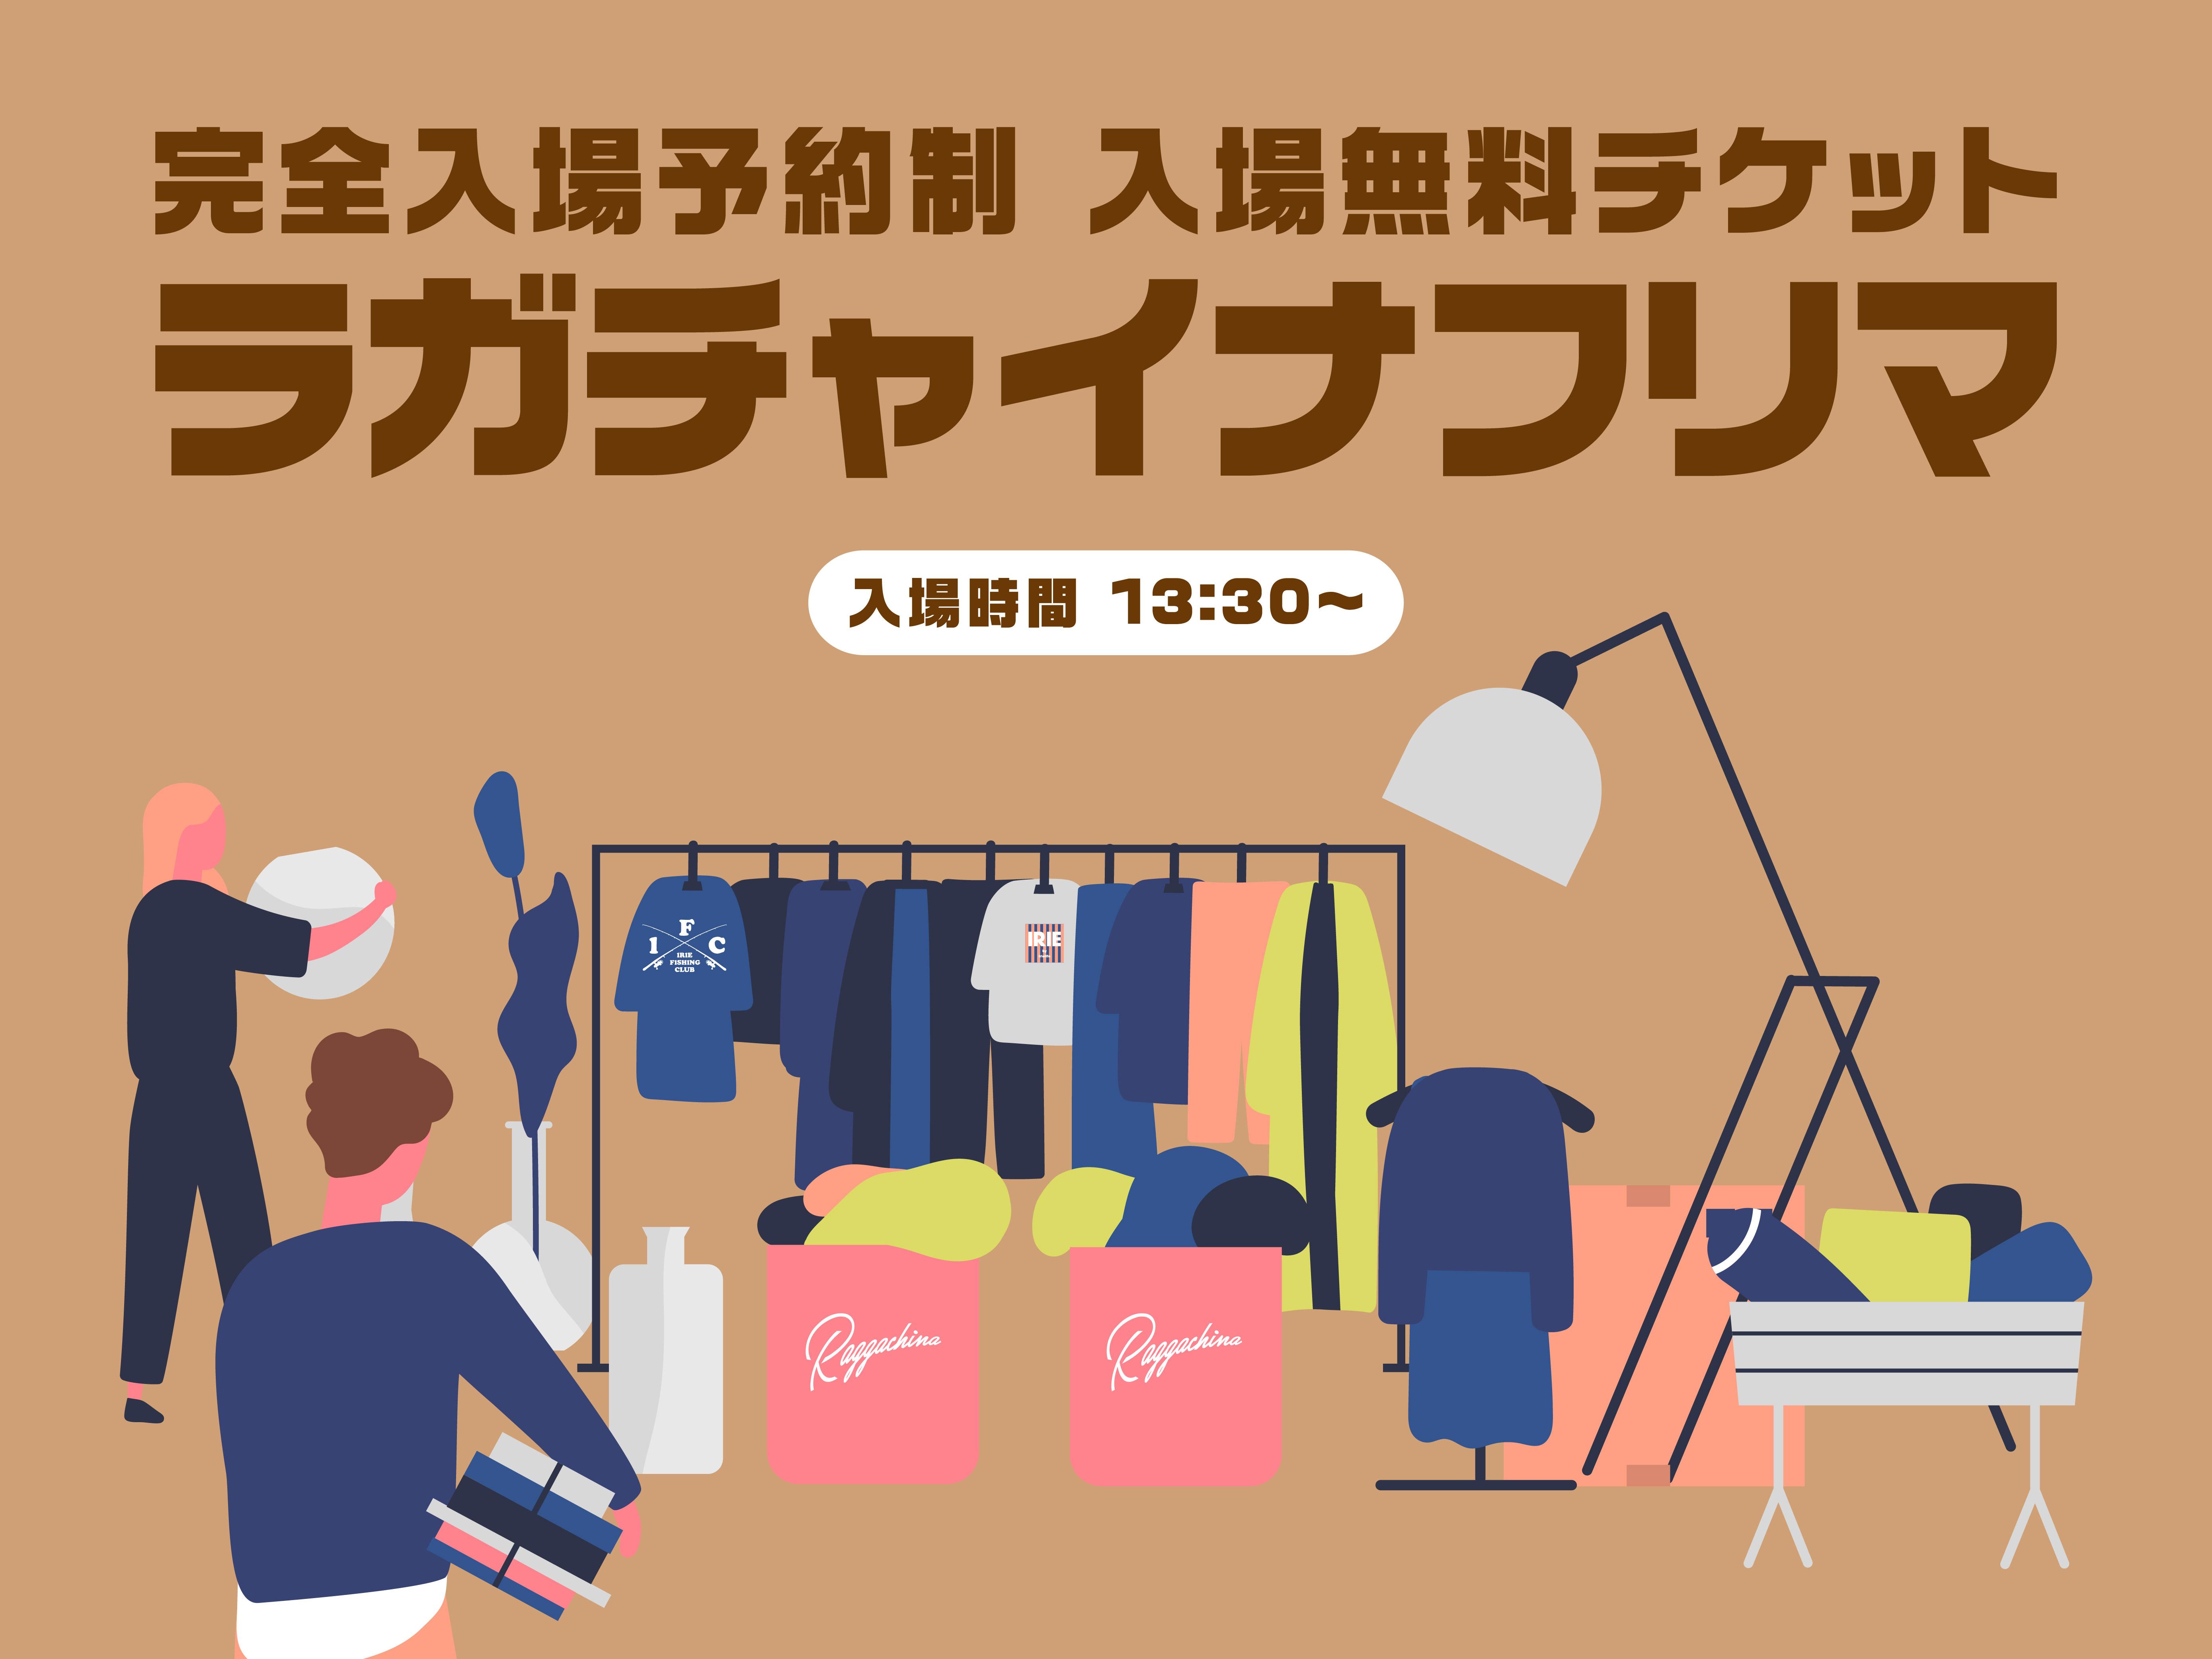 ラガチャイナ店舗フリマチケット 13:30〜15:50 (無料)